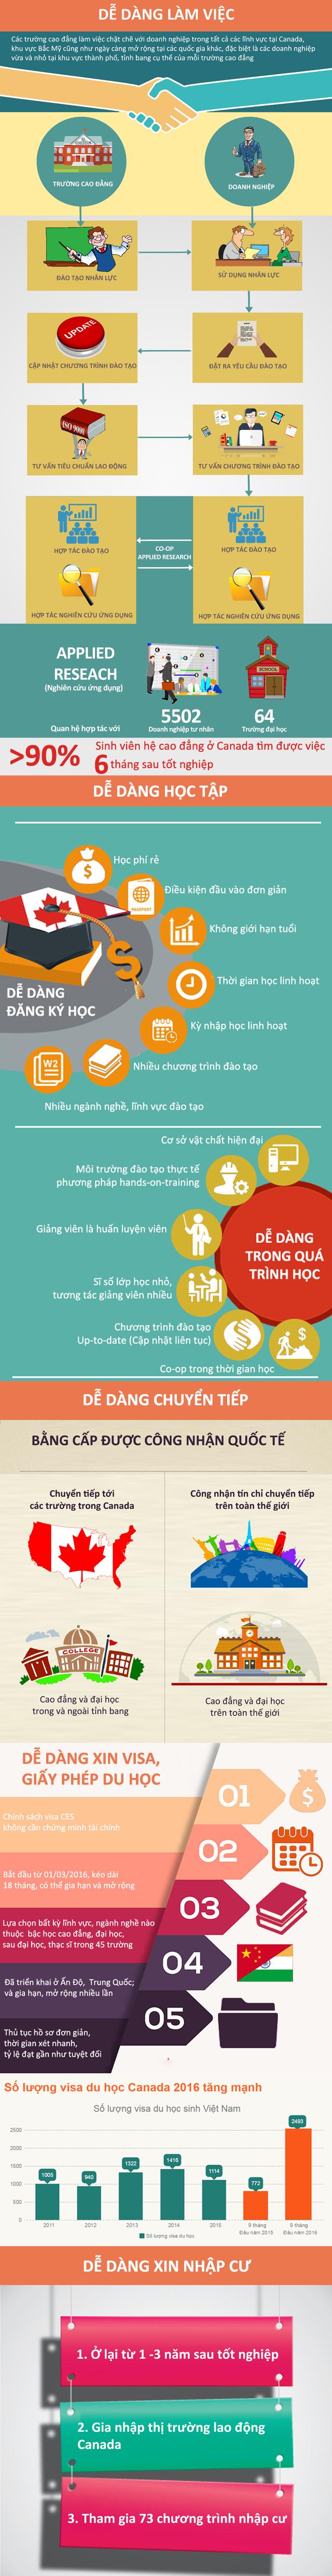 Infographic: Vì sao học nghề tại trường Cao đẳng Canada hút du học sinh Việt Nam? - 1